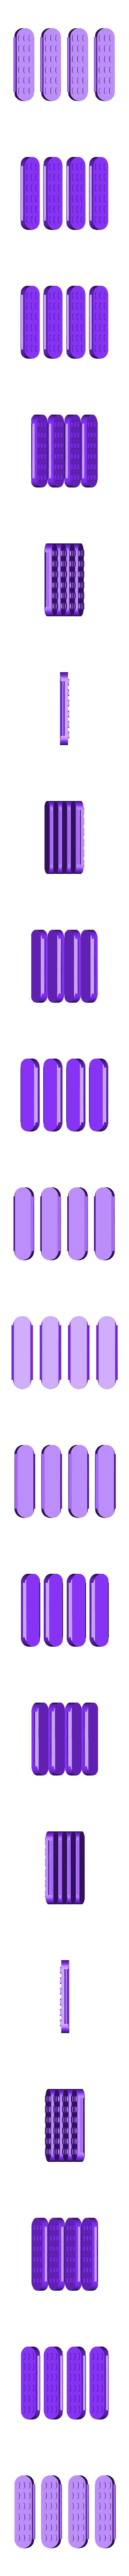 Plate Pads.stl Télécharger fichier STL gratuit LiftPod - Support pliable multifonctionnel • Objet à imprimer en 3D, HeyVye